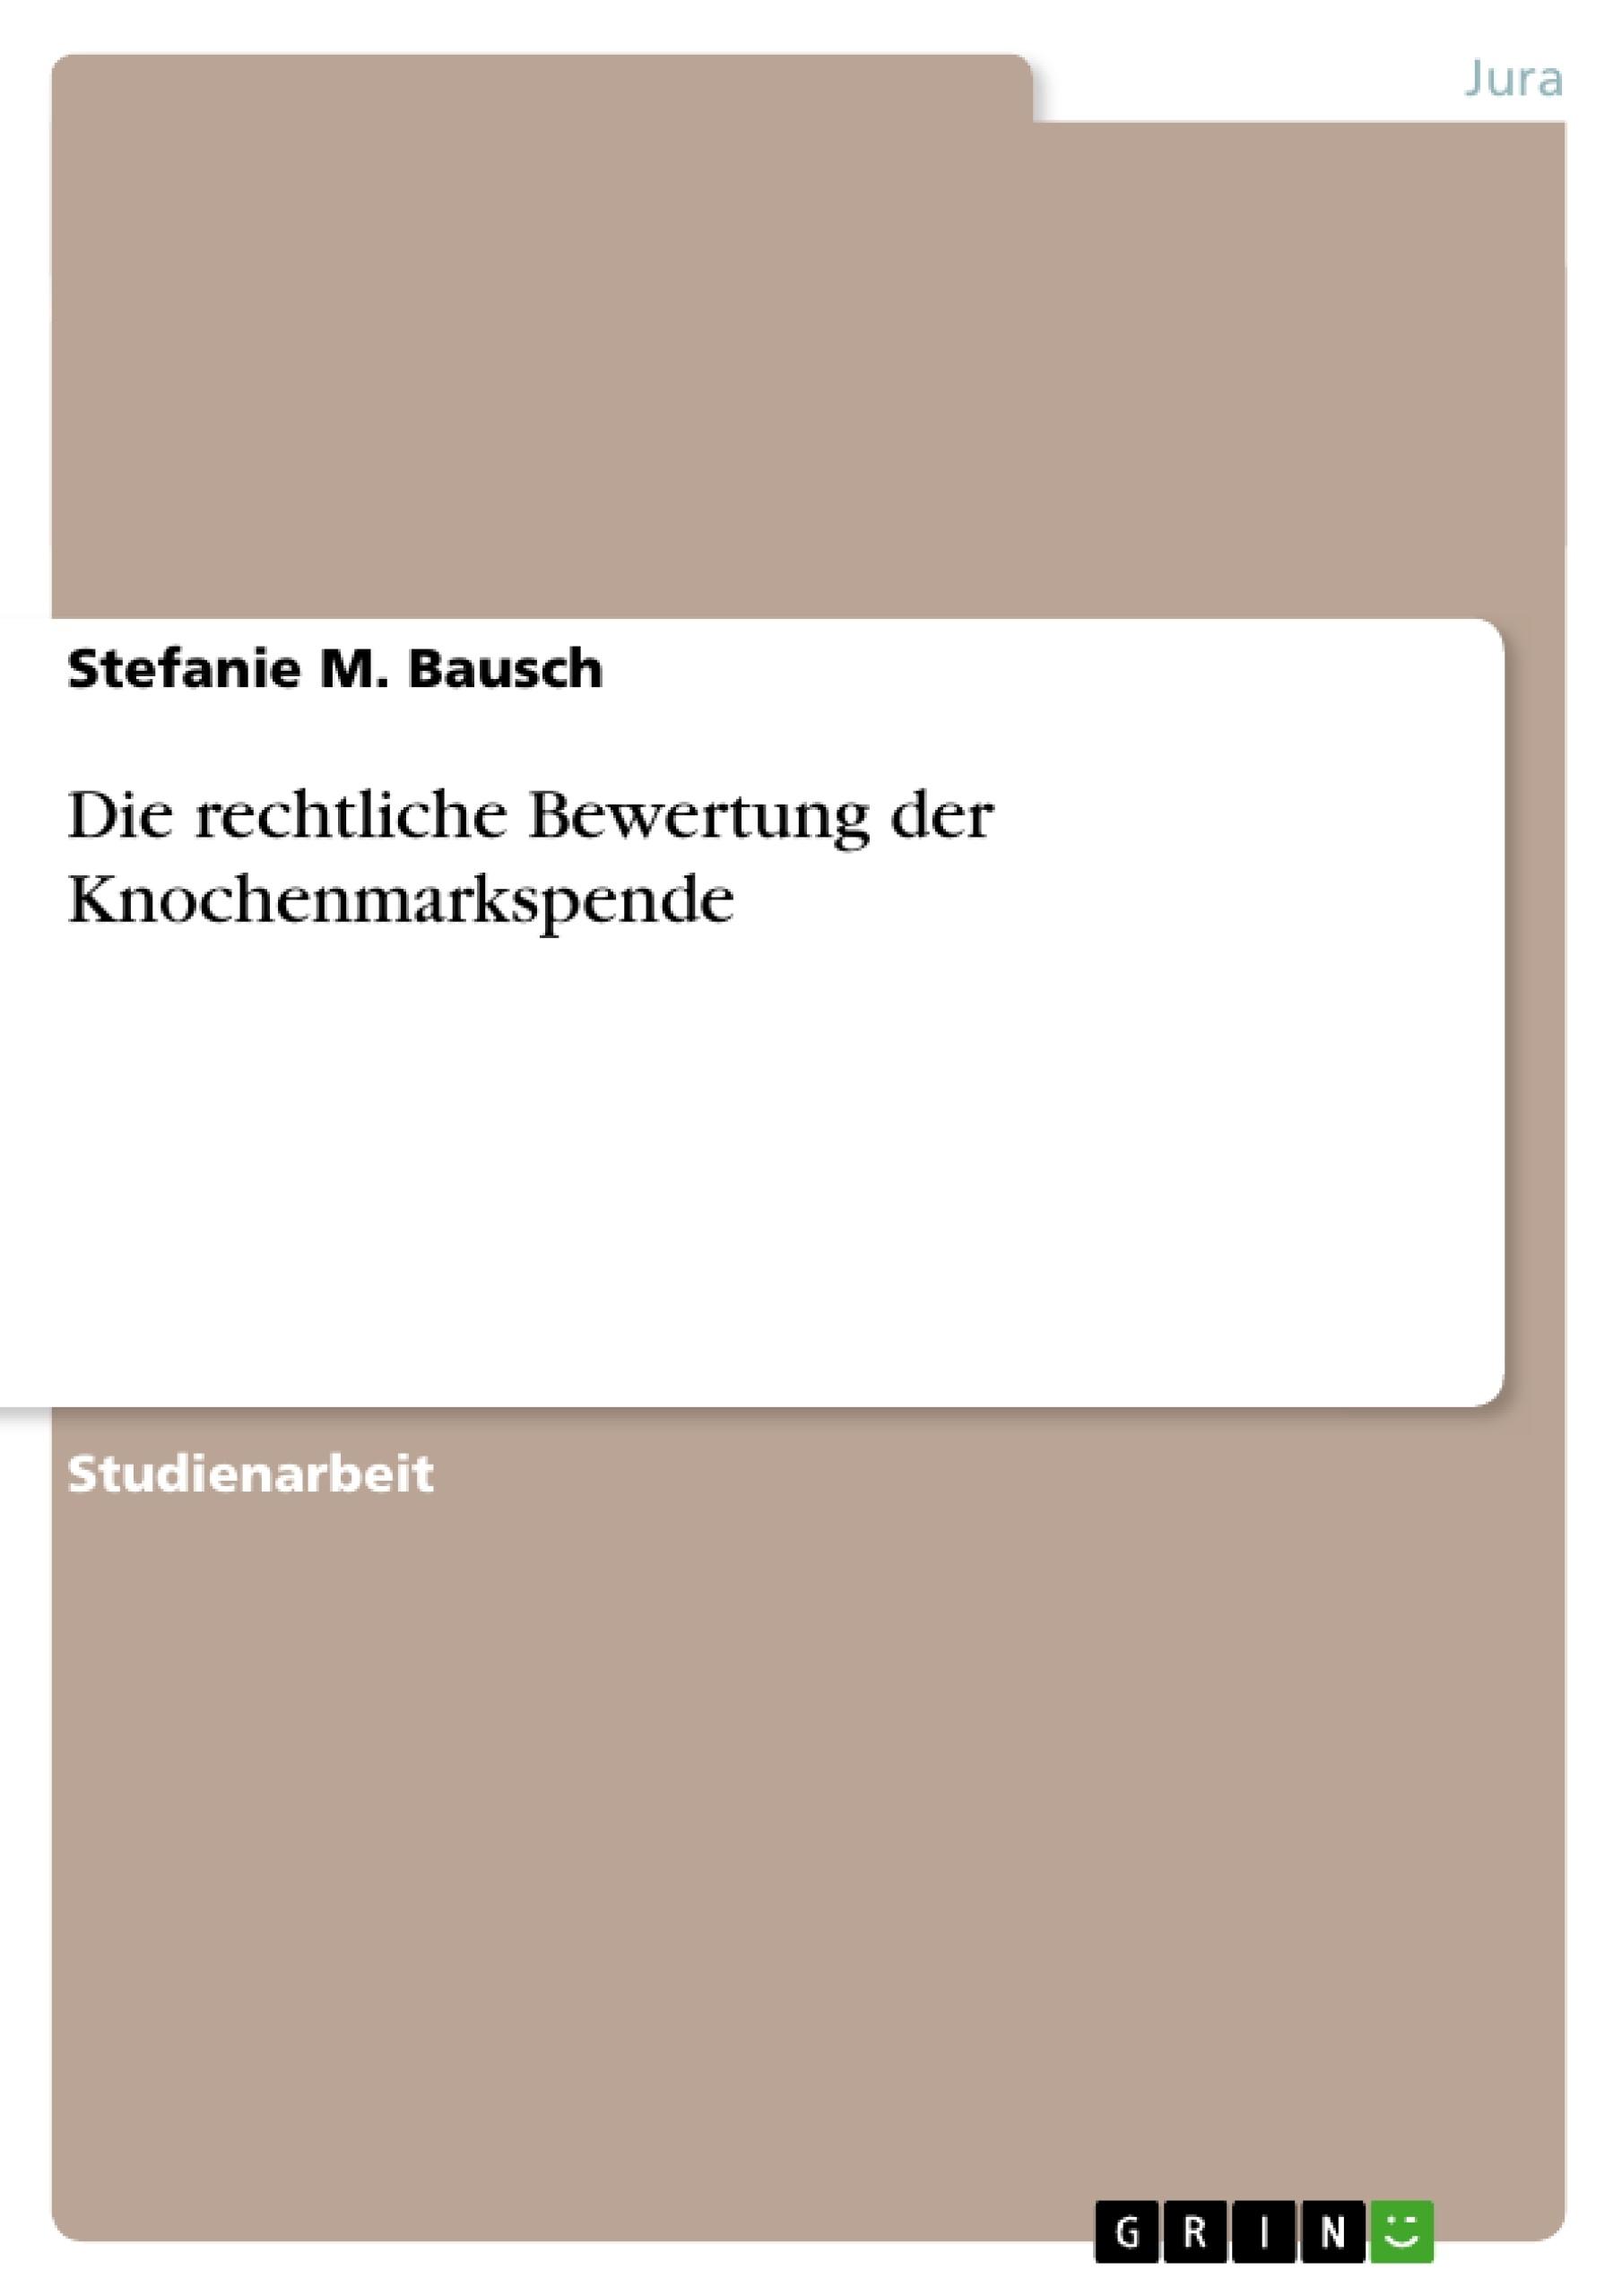 Titel: Die rechtliche Bewertung der Knochenmarkspende